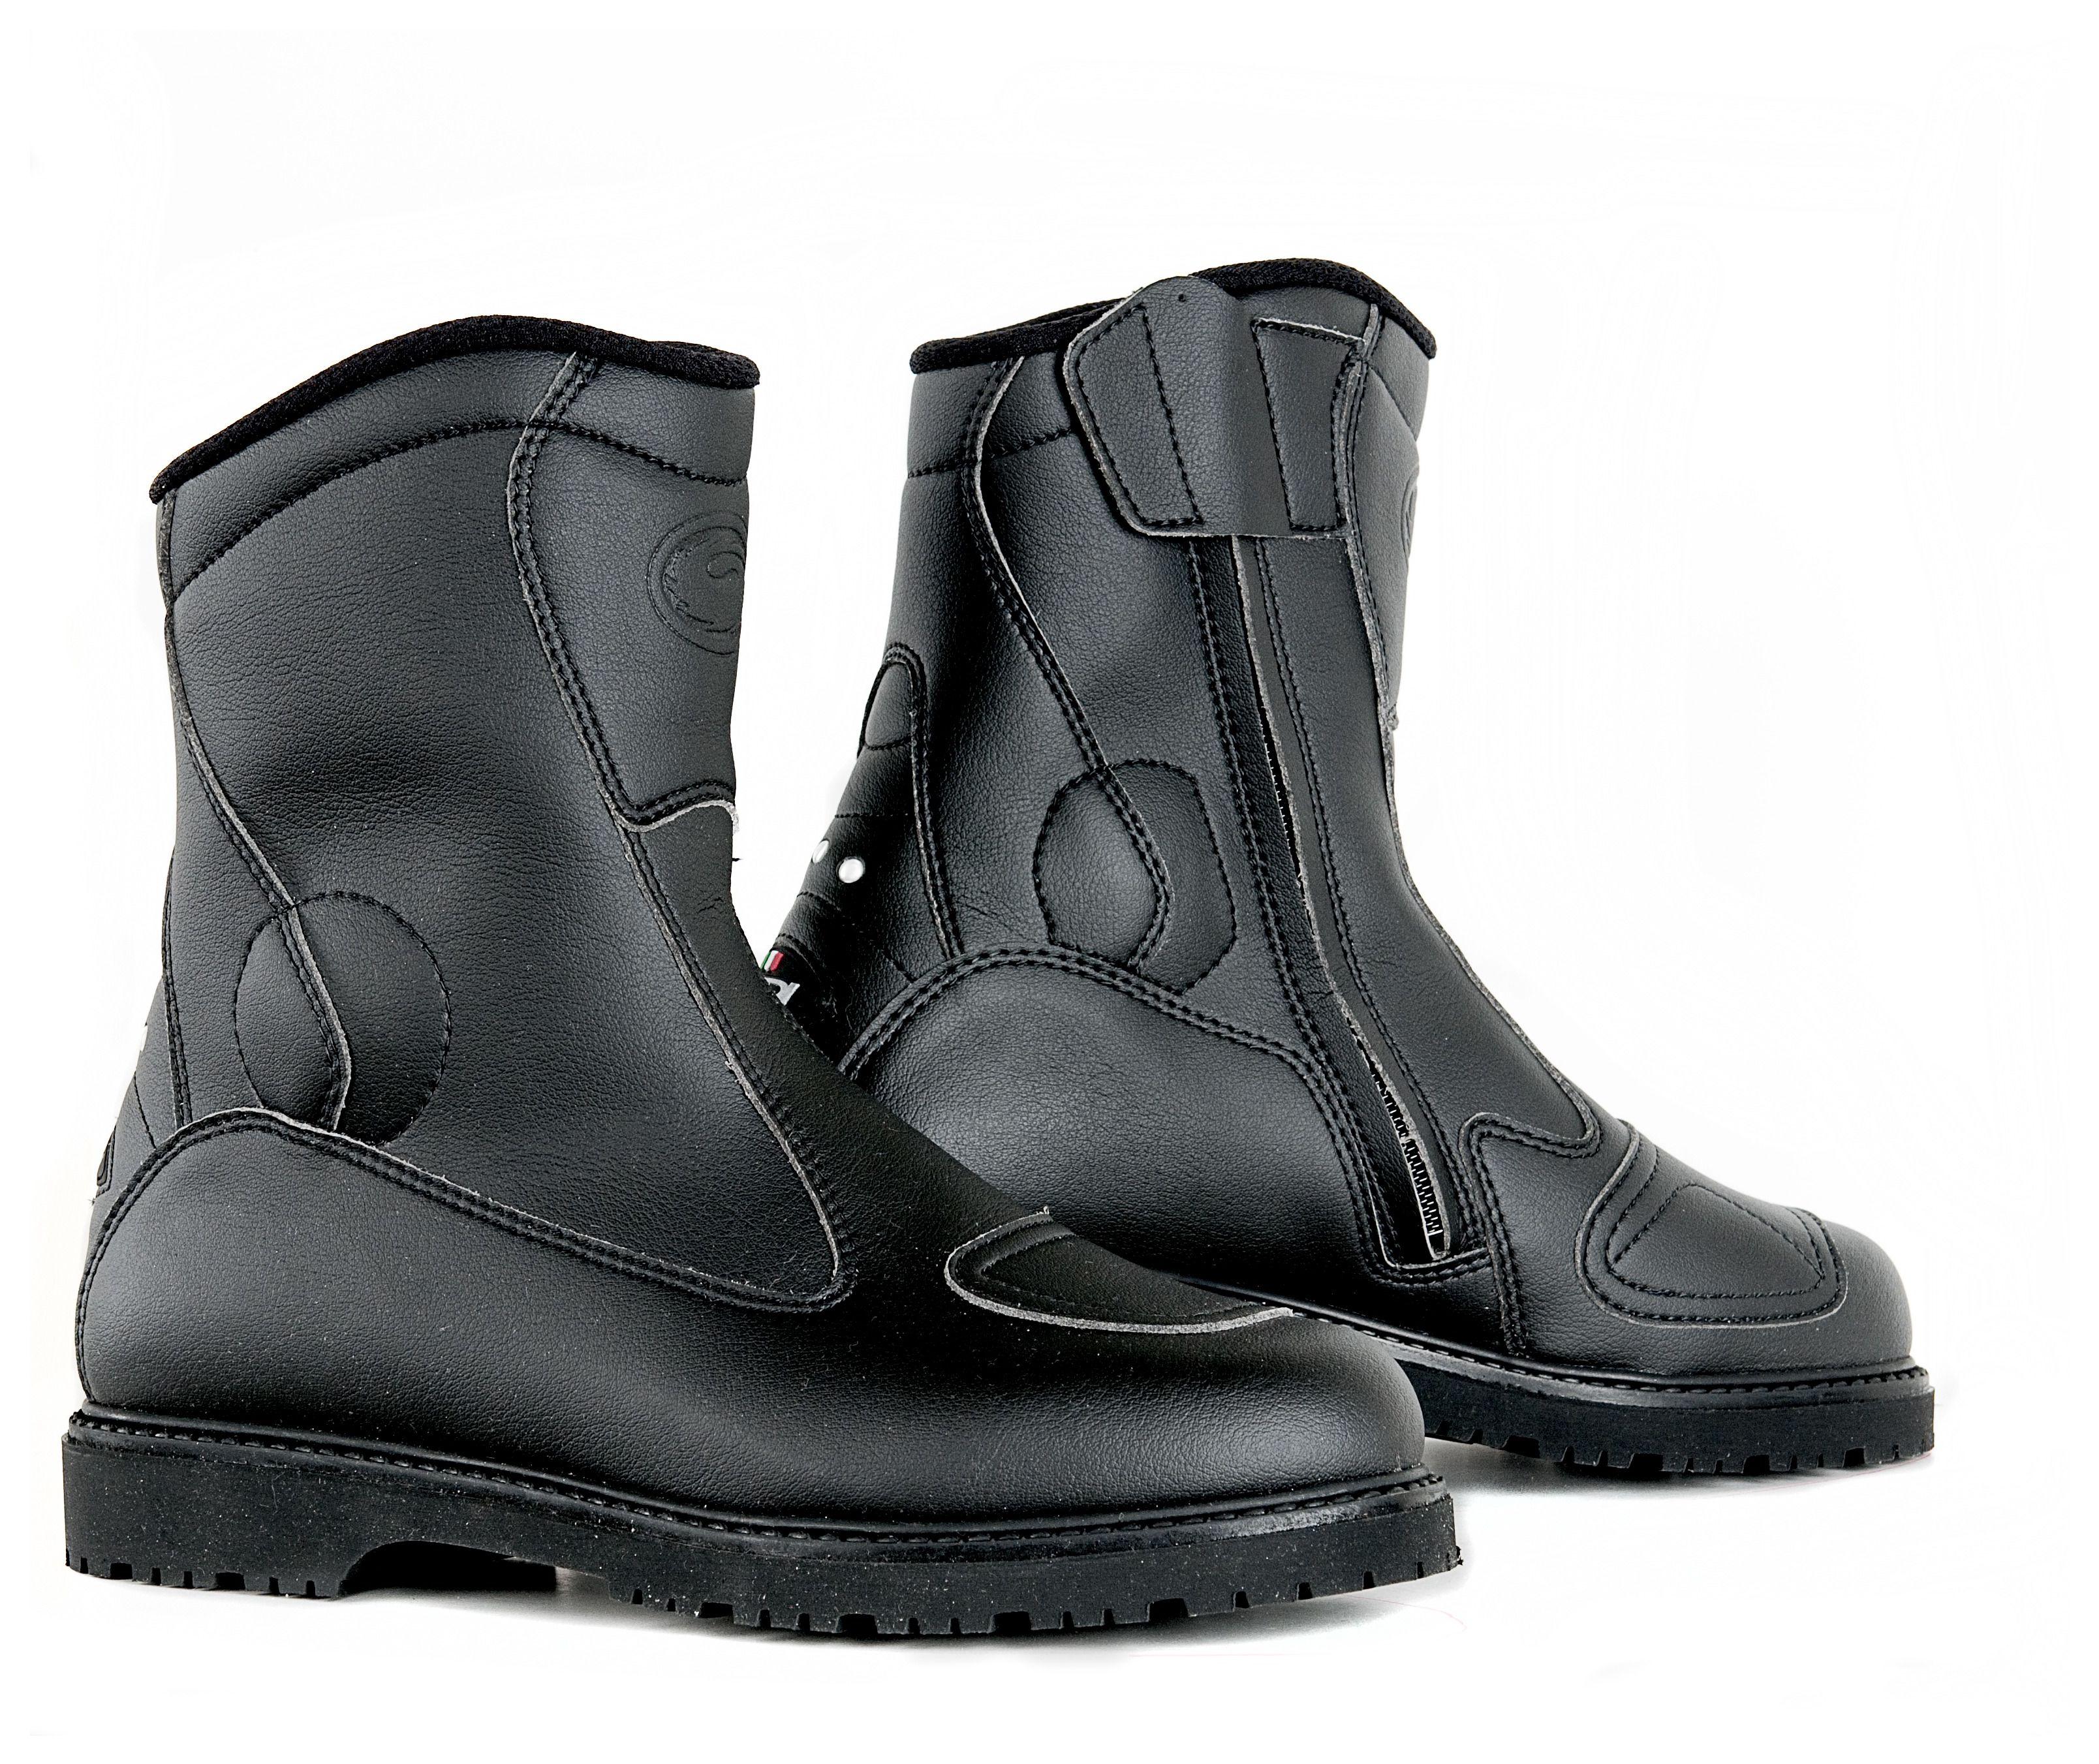 SIDI Traffic Rain Boots - RevZilla